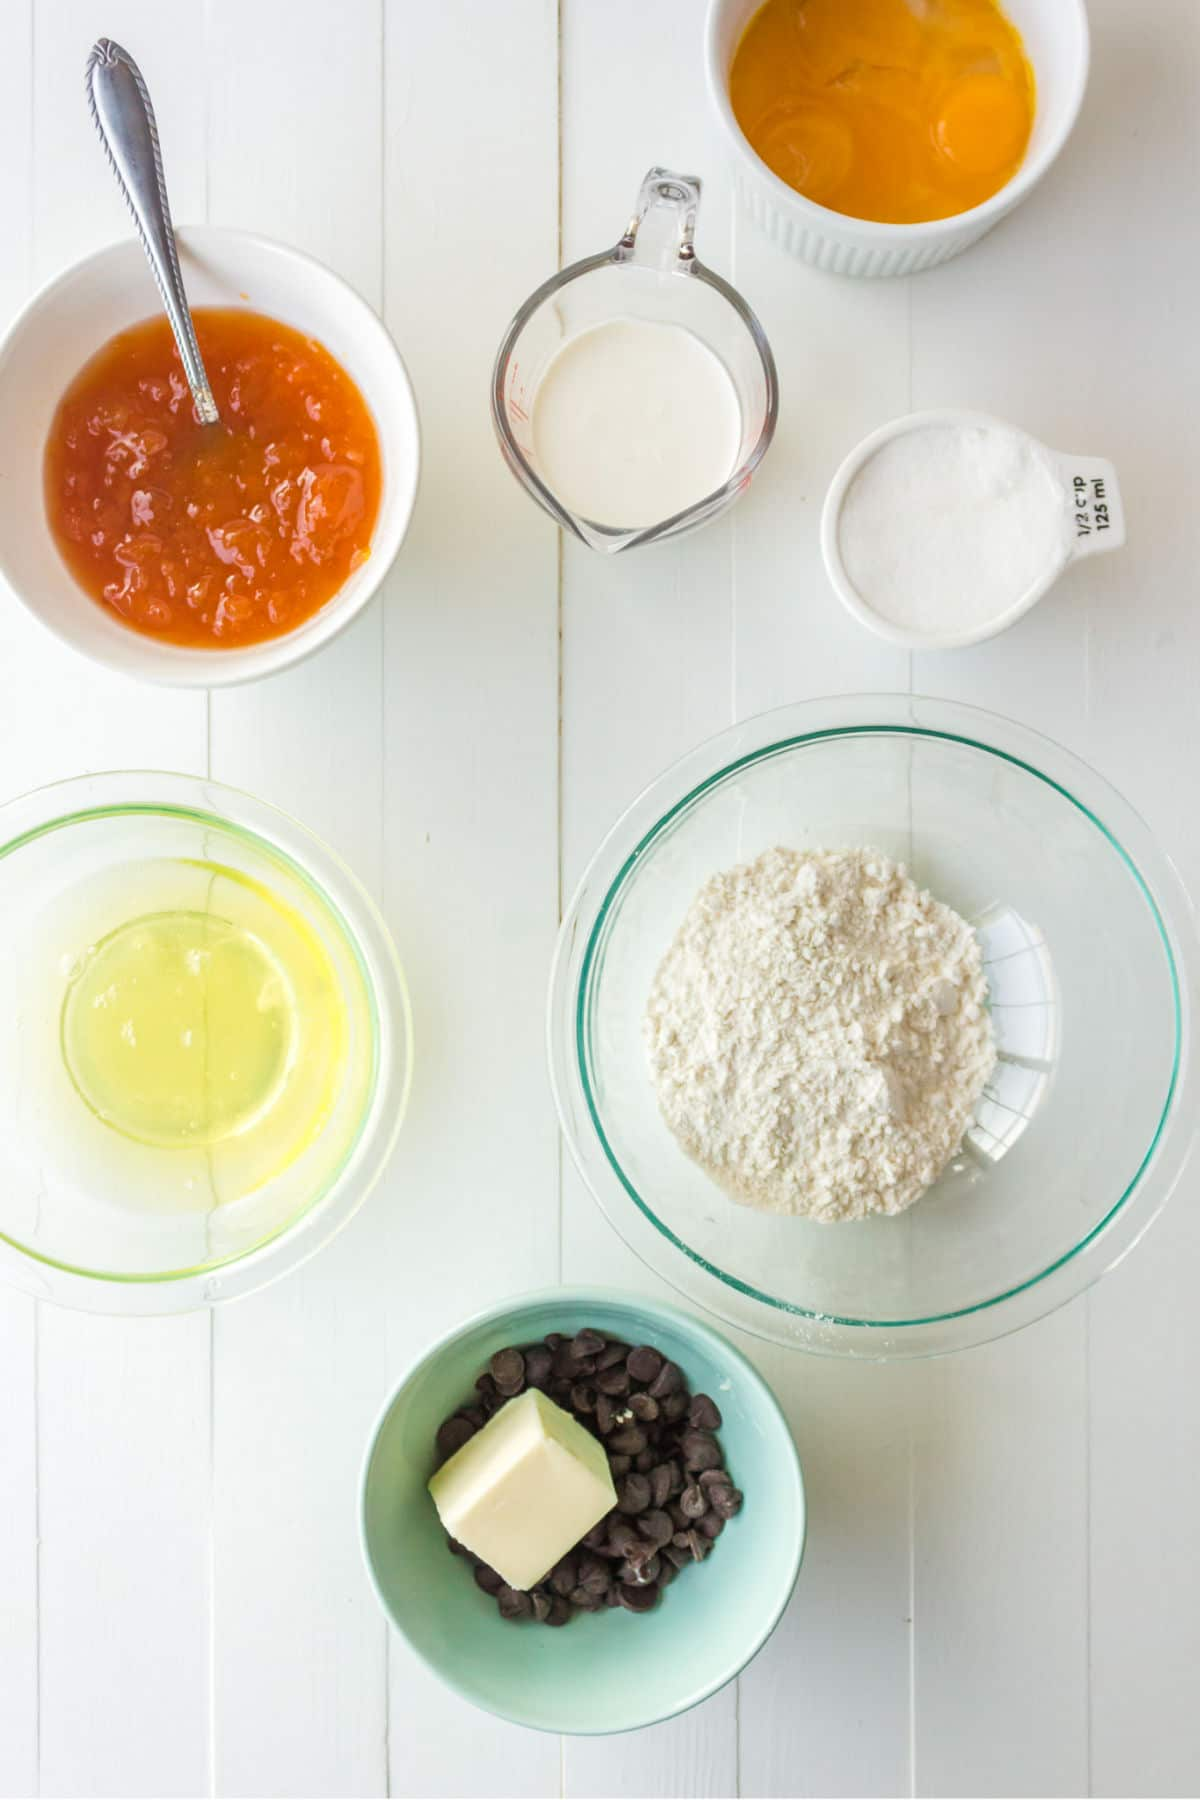 sacher torte ingredients in bowls